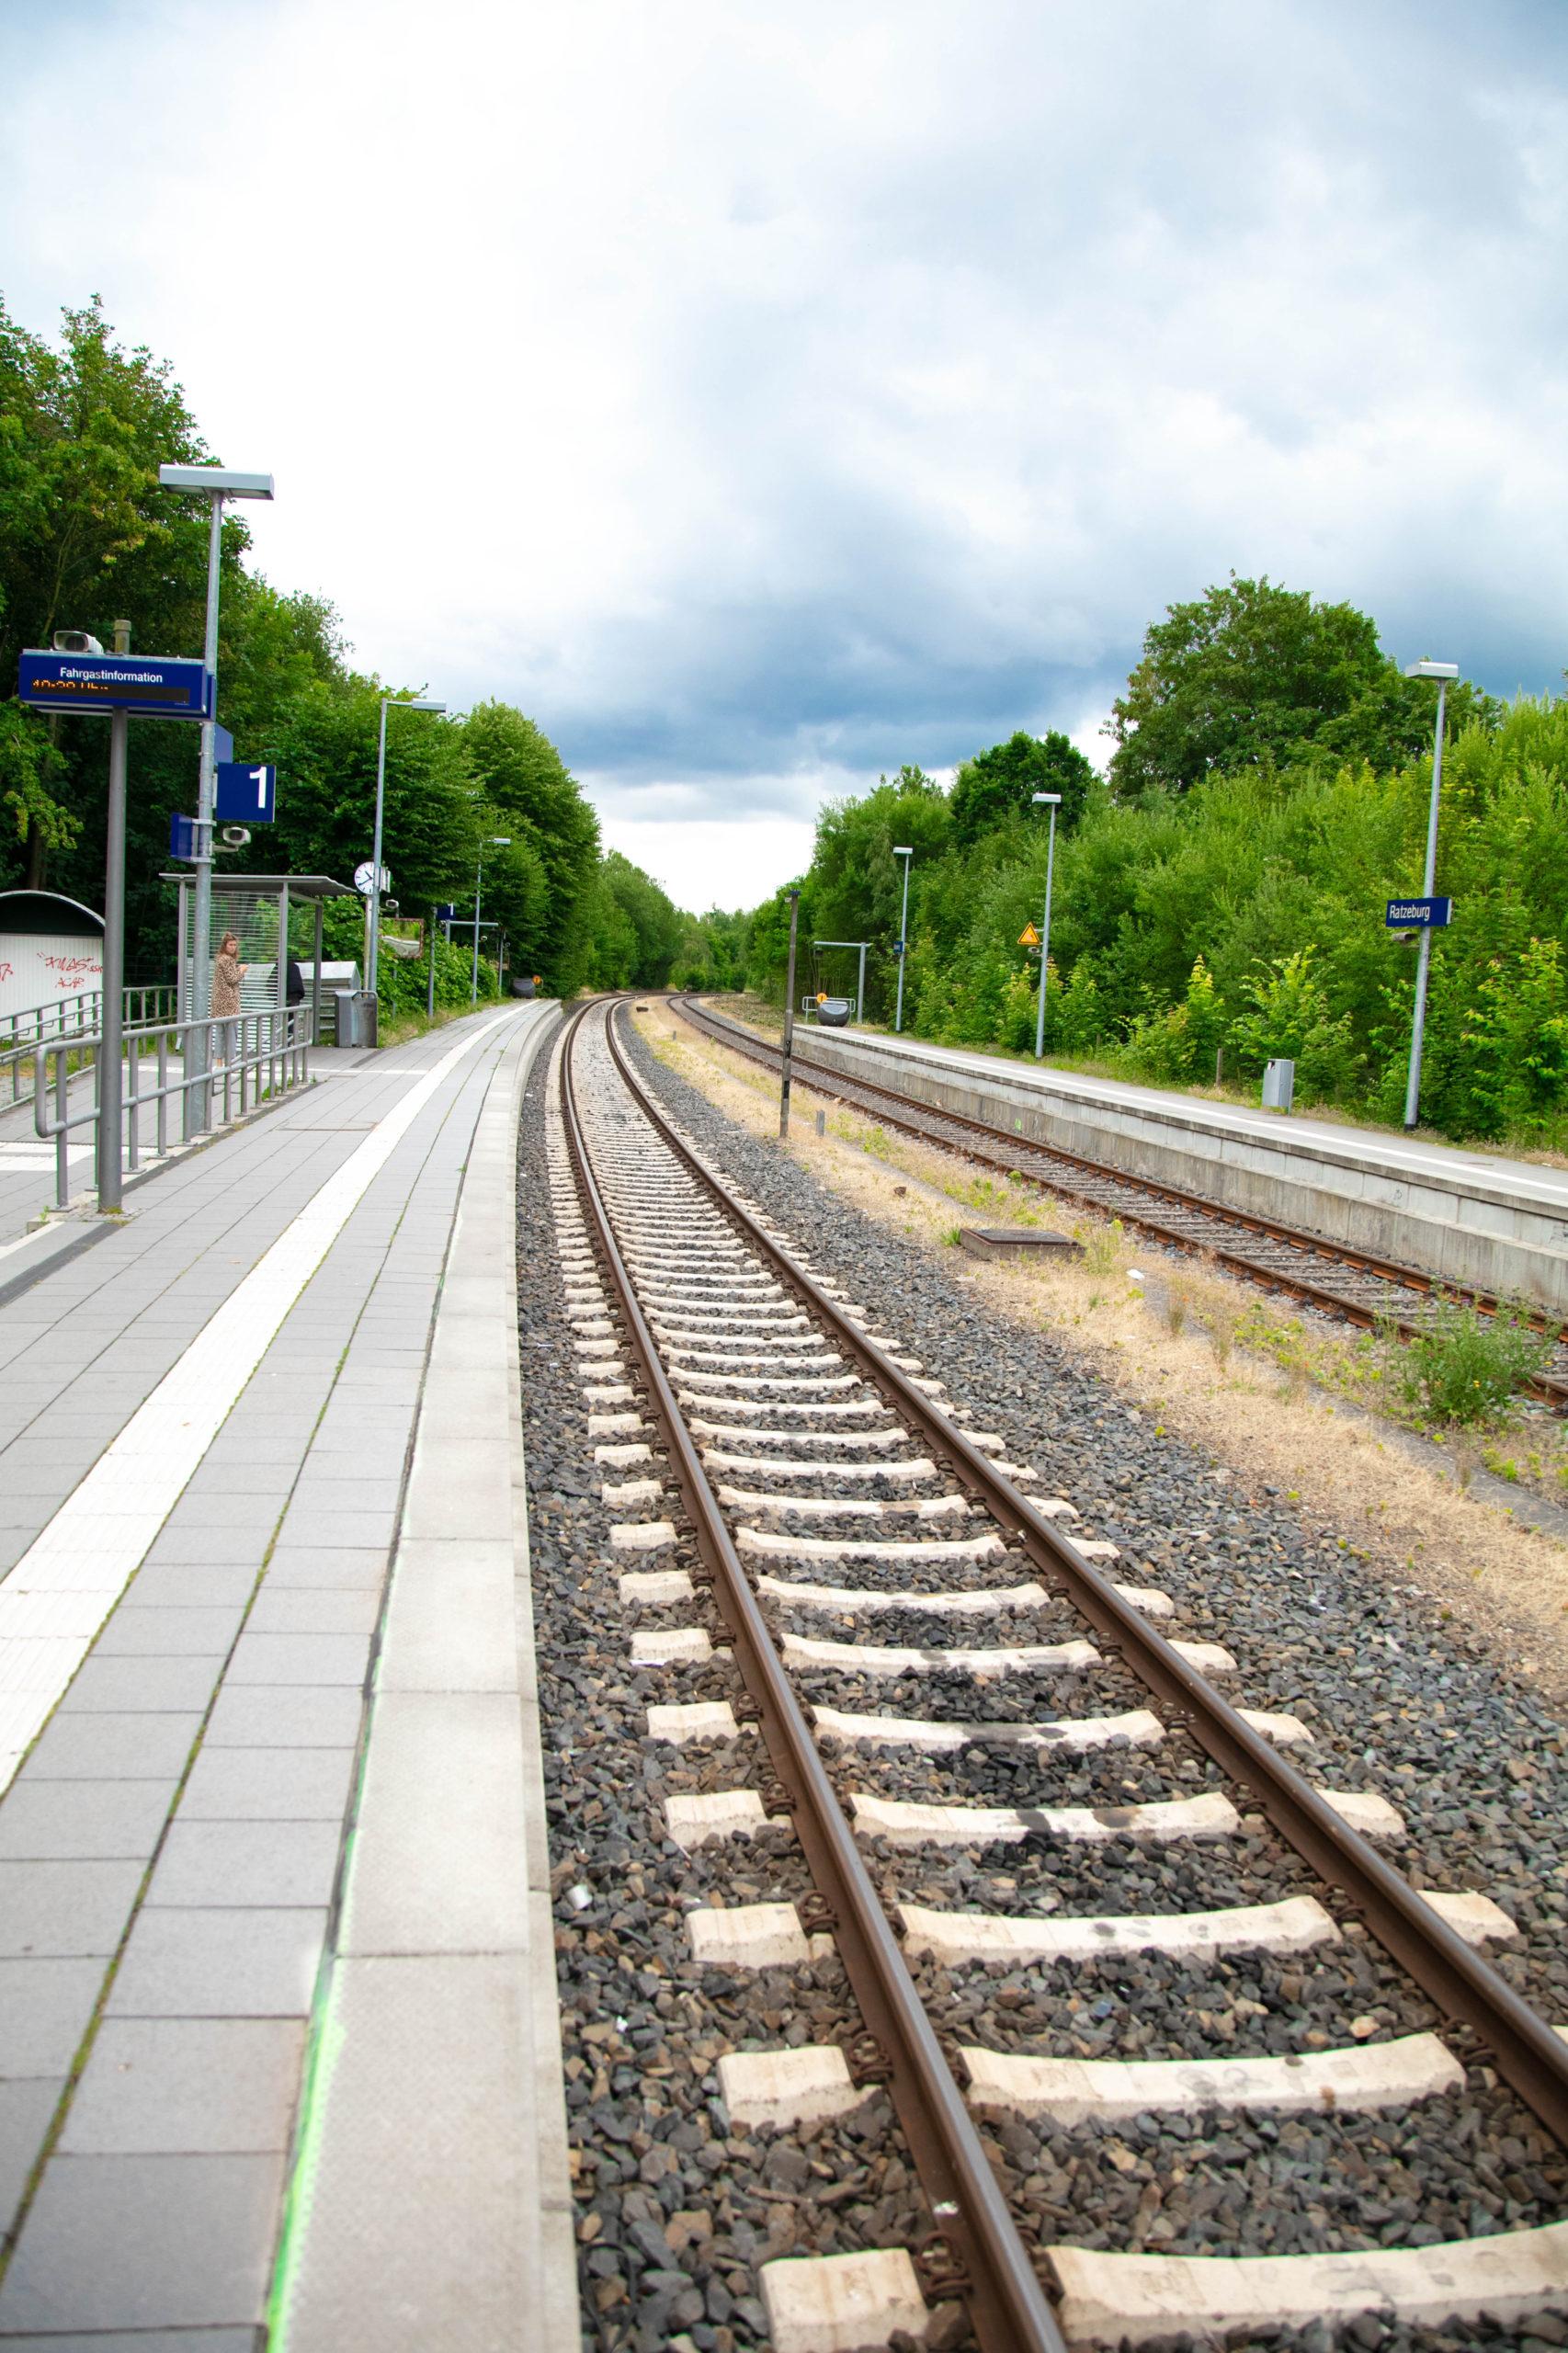 Zurzeit sind an den Bahnhöfen nur vereinzelt Menschen zu sehen